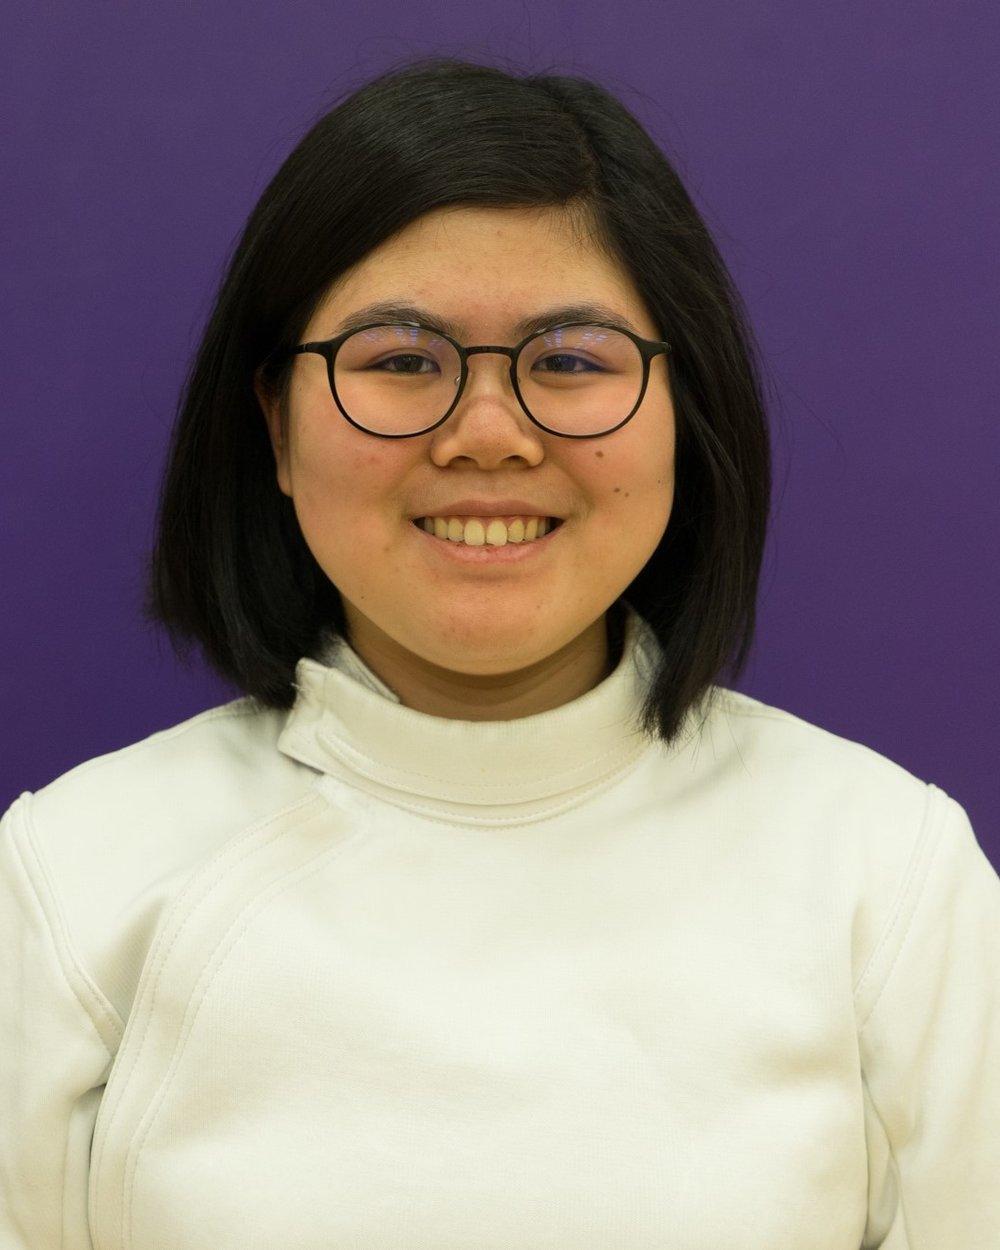 Nicola Ouya Cheng